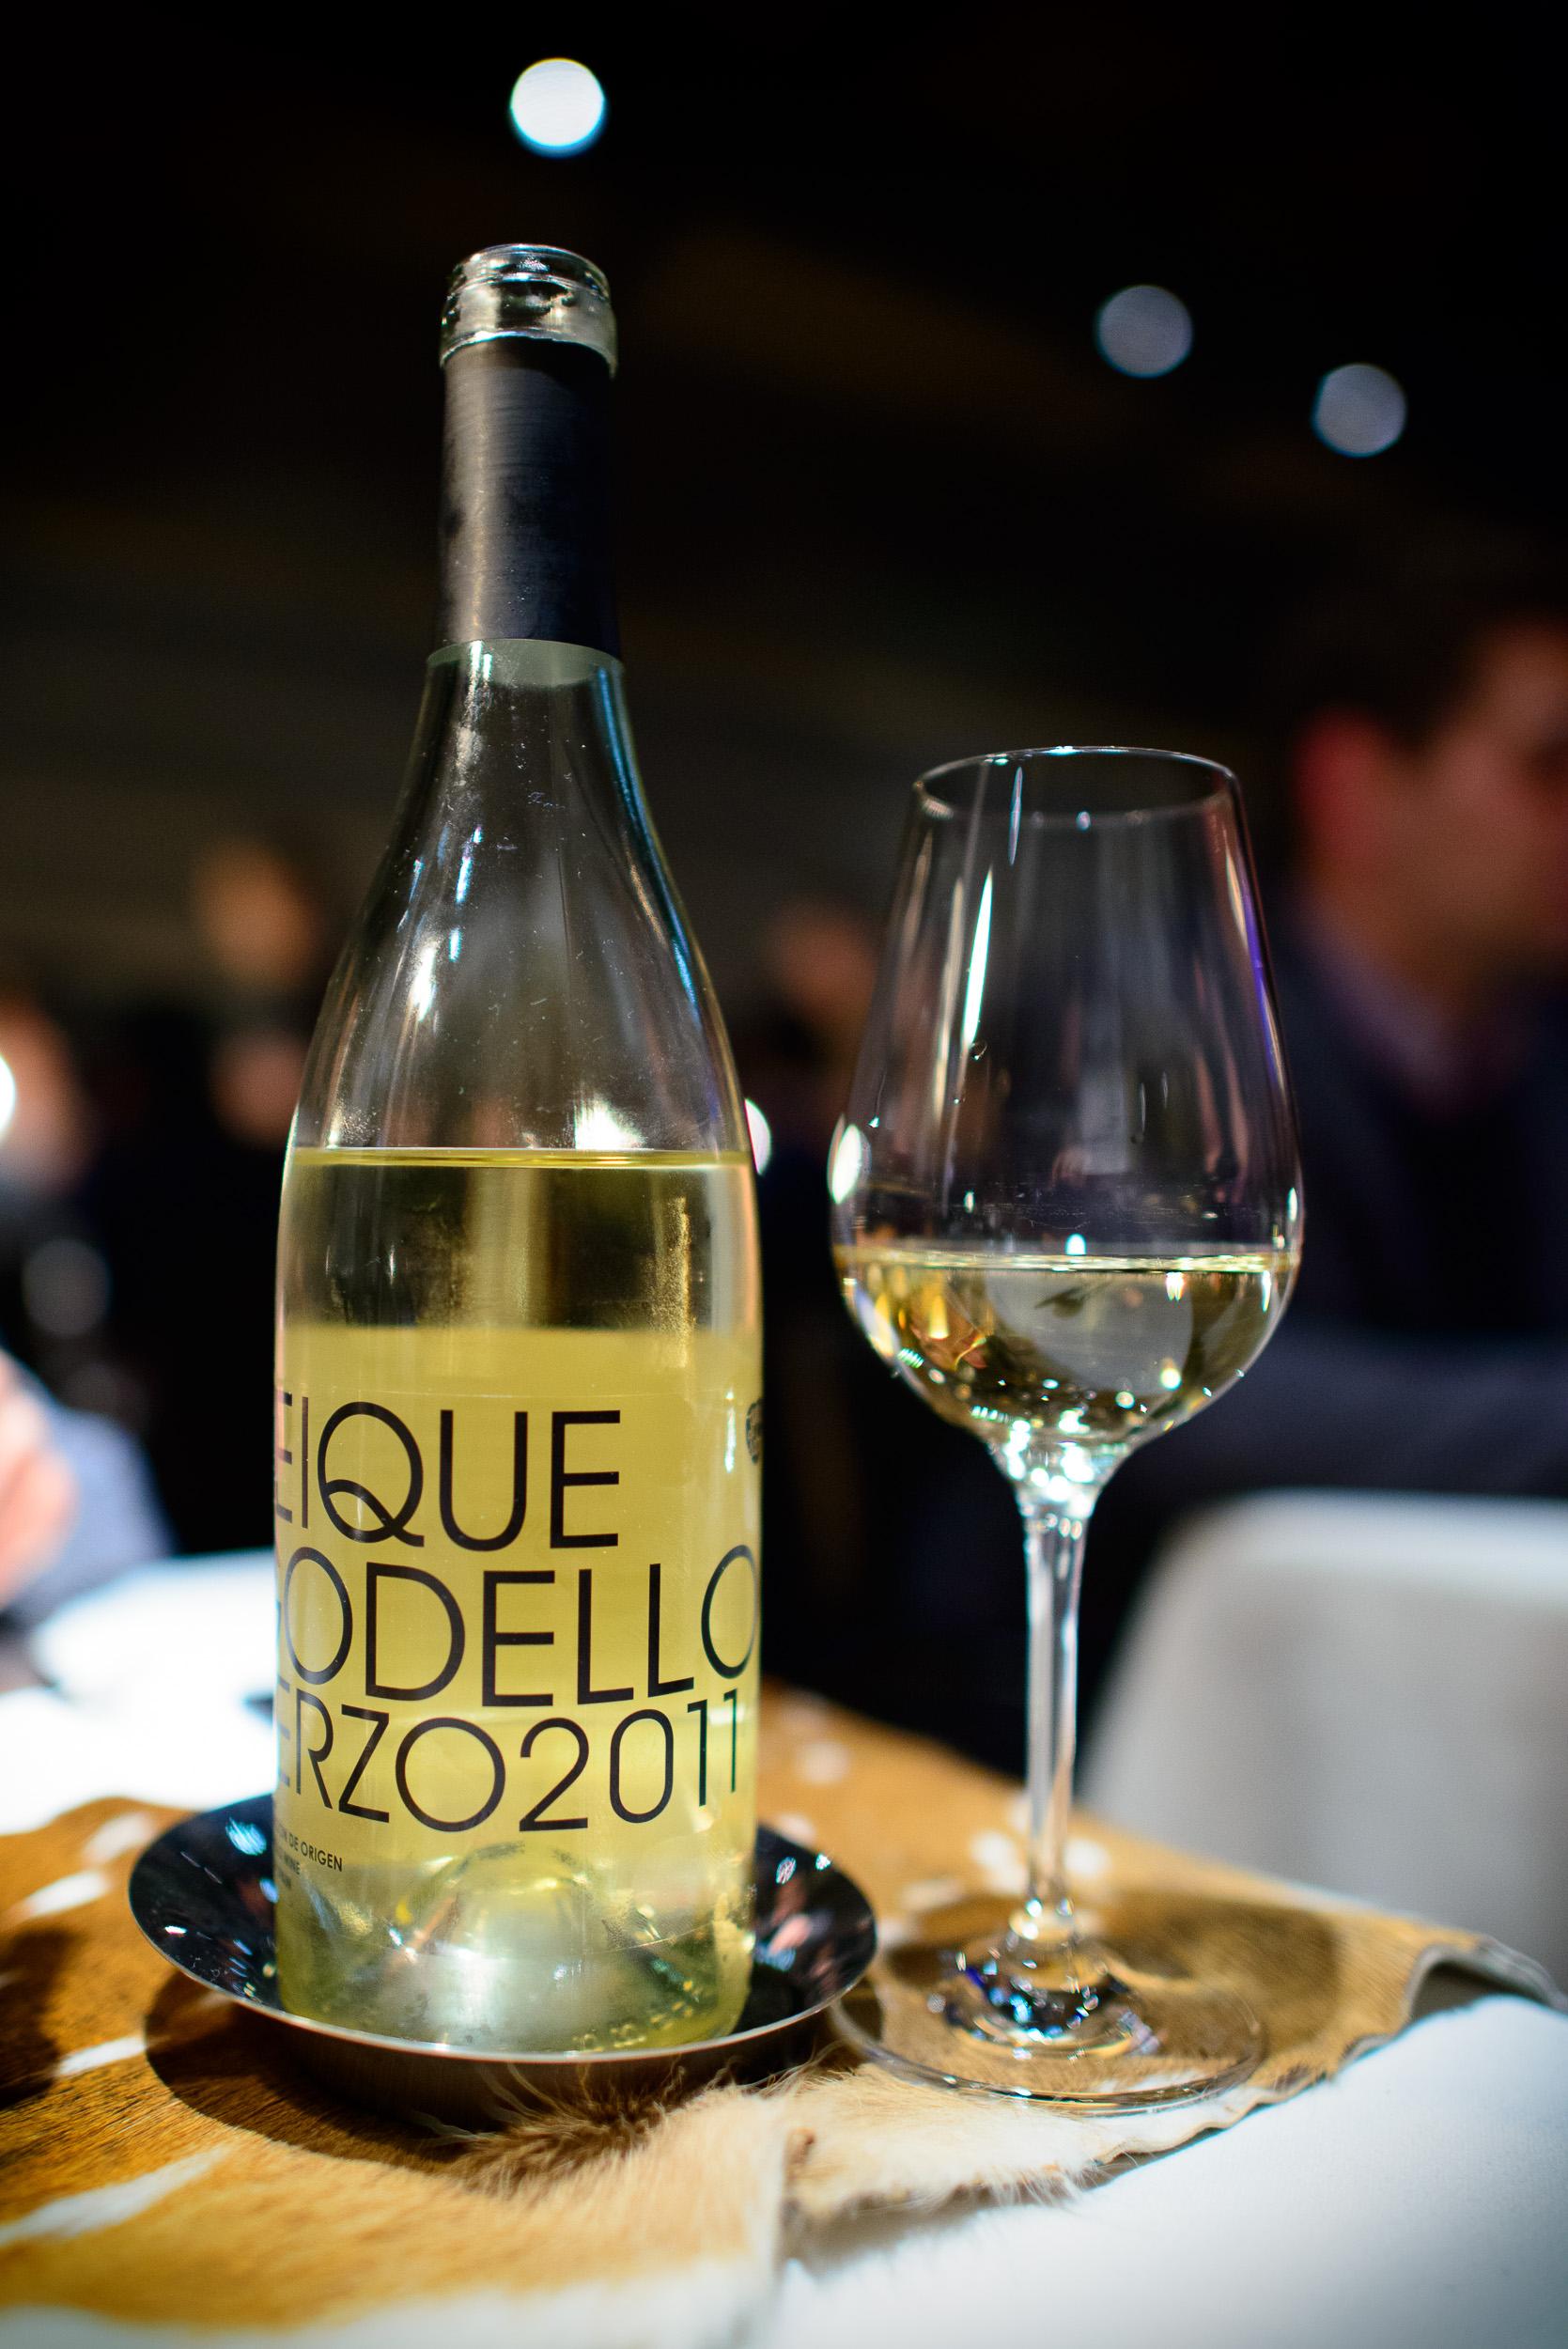 Peique Godello, Bierzo, 2011